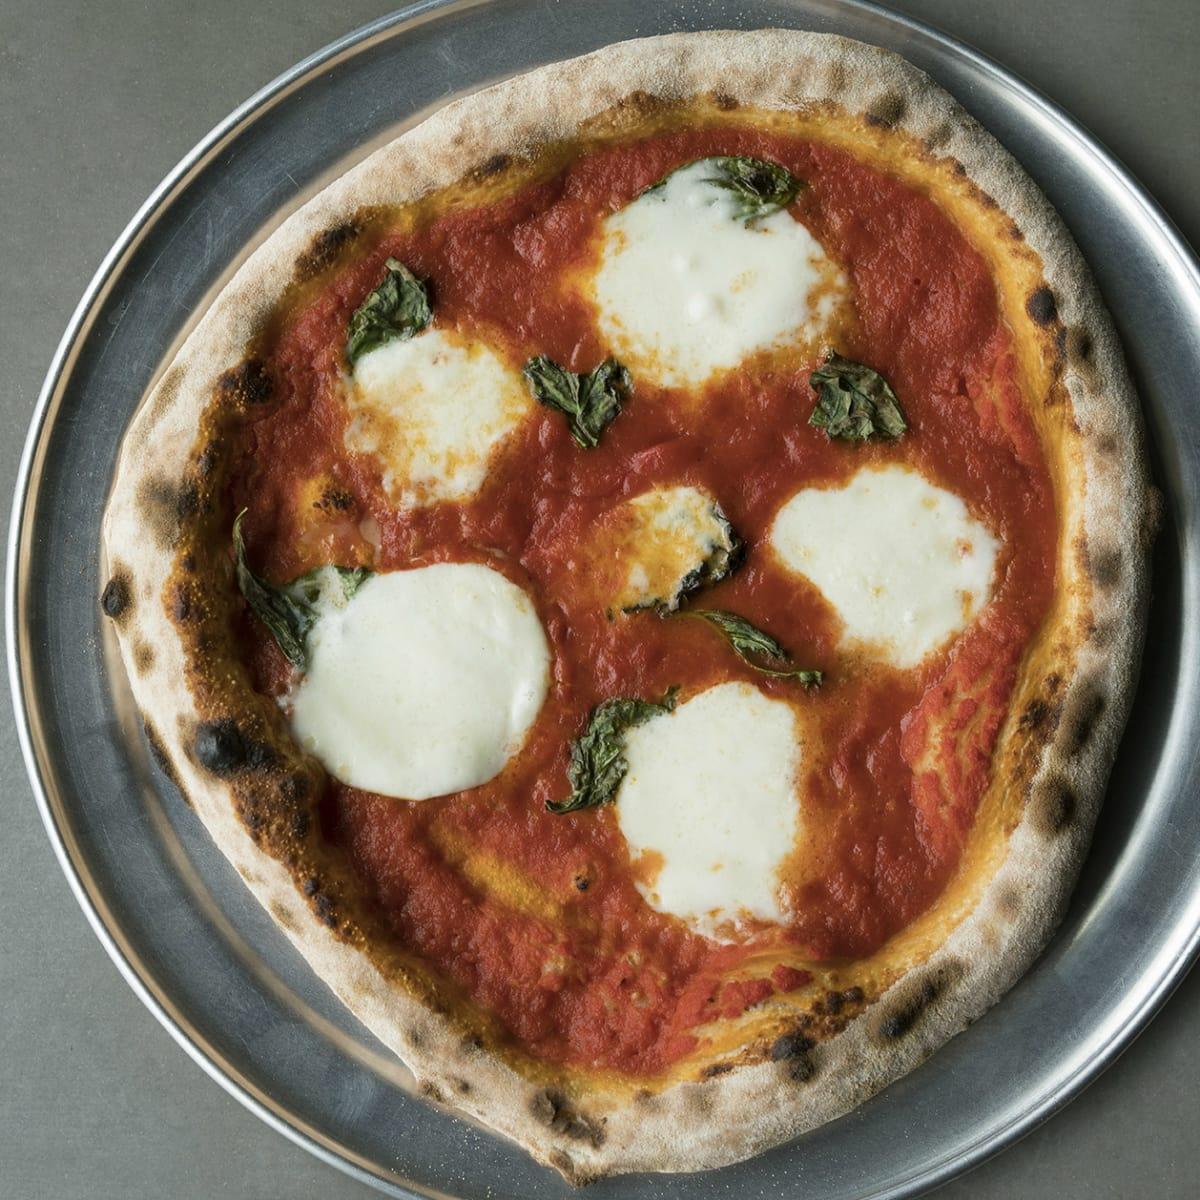 Il Brutto ATX margherita pizza